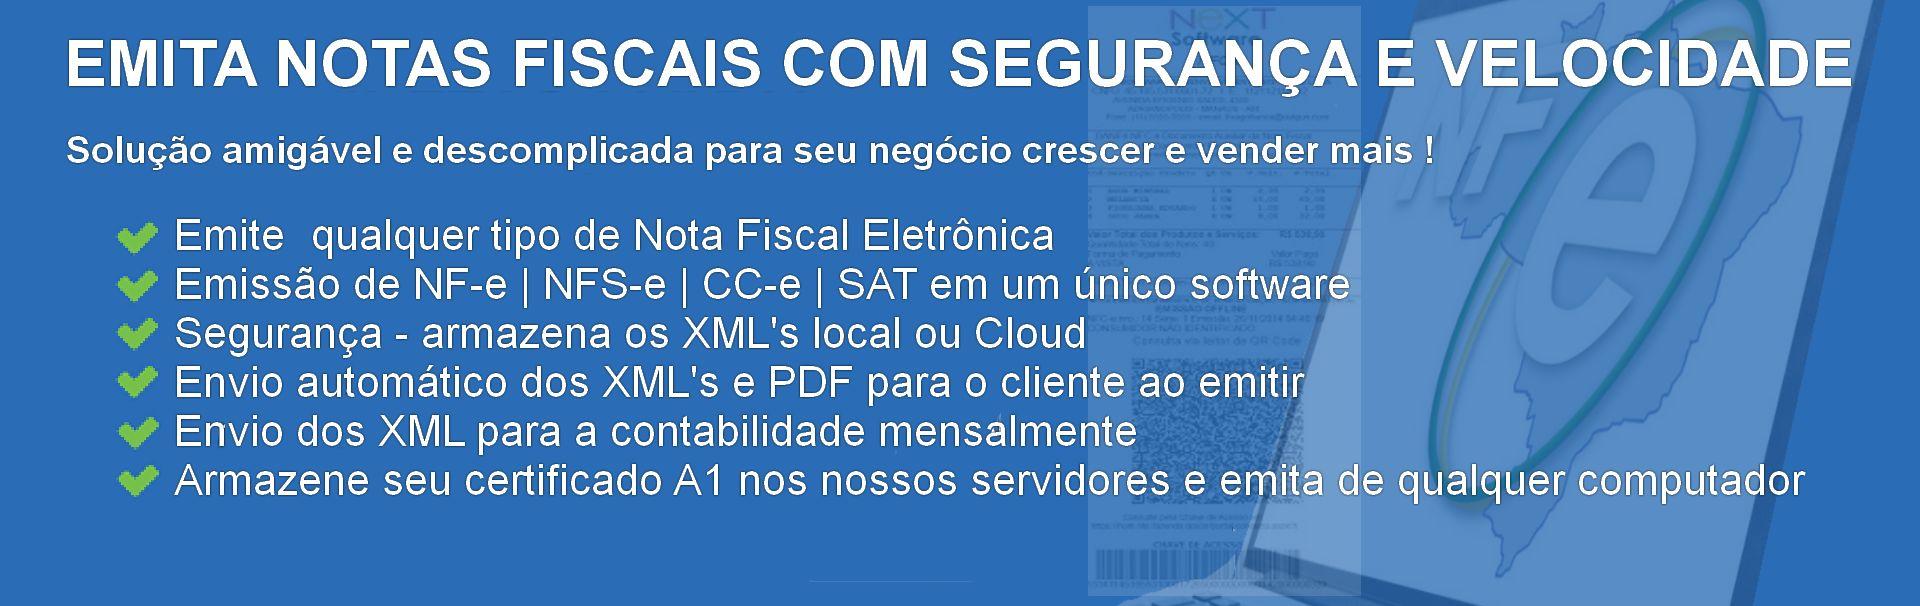 NeXT ERP - Sistema emissor de qualquer tipo de Nota Fiscal